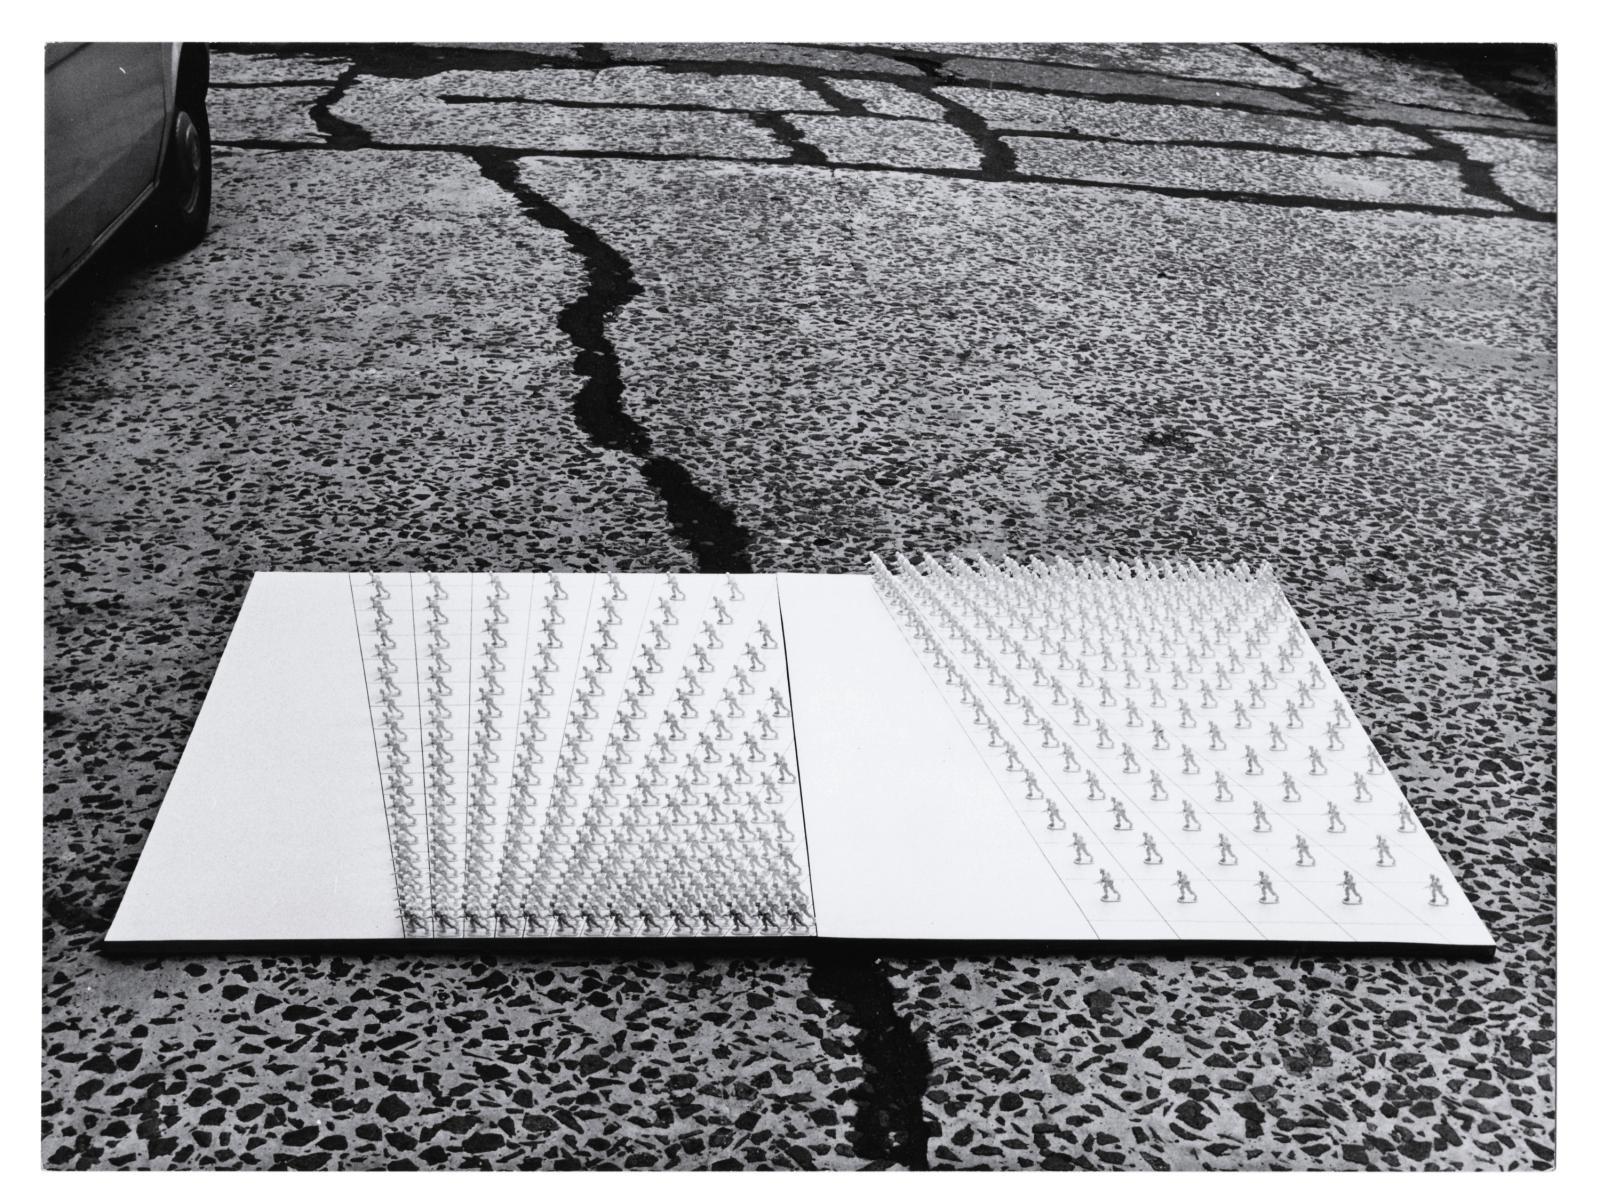 Antoni Miralda (né en 1942), Tableaux-Tables. Geometrías #4, 1970, tirage argentique, 16x24cm.